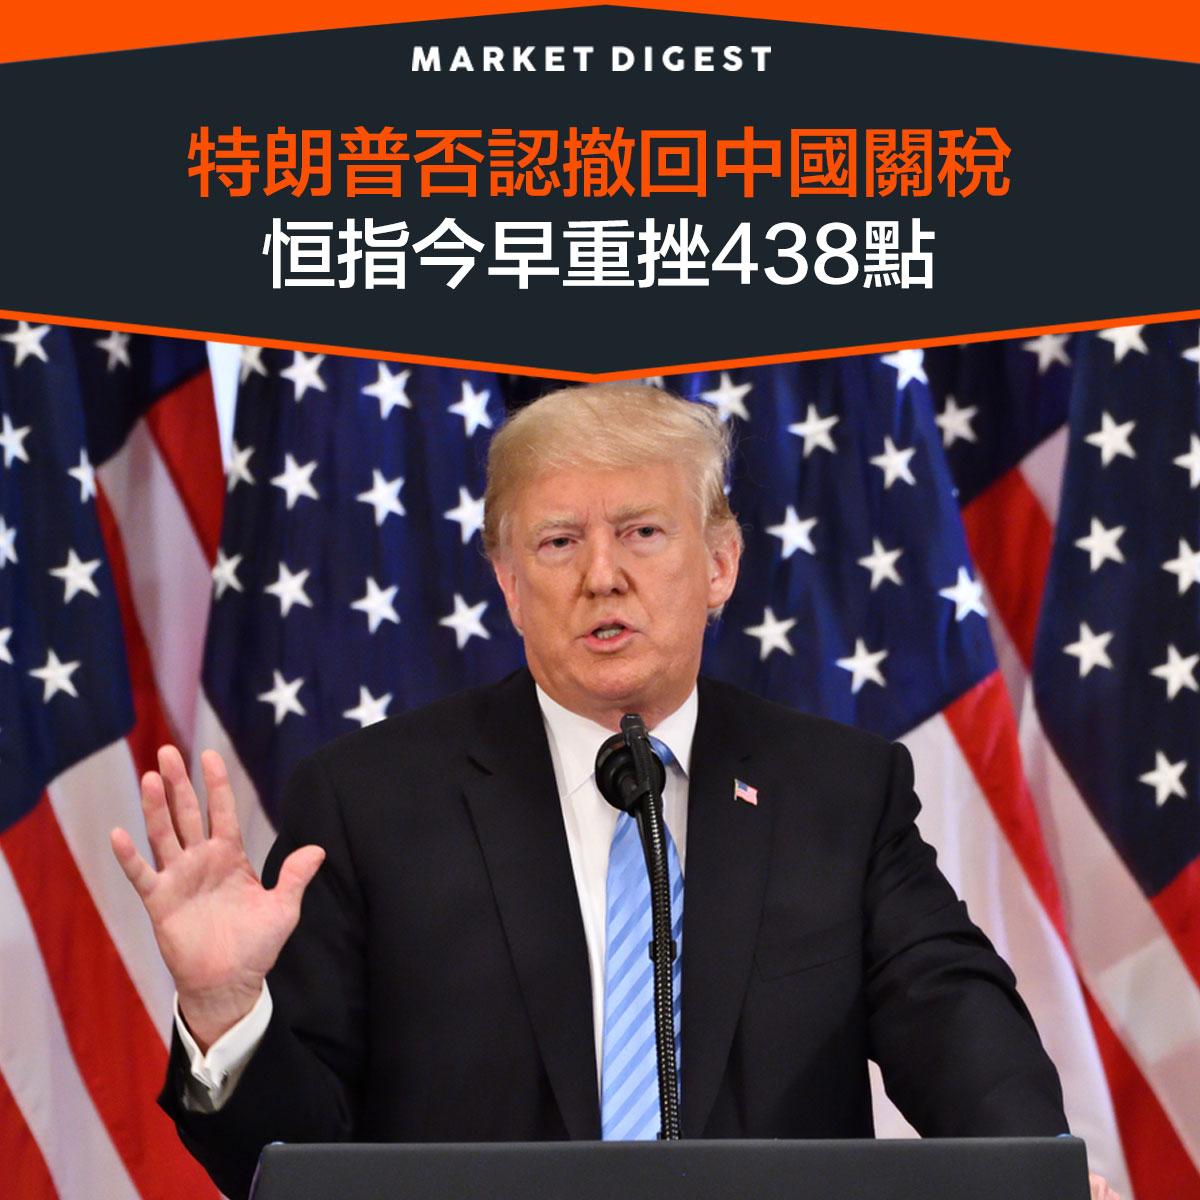 【中美貿易戰】特朗普否認撤回中國關稅,恒指今早重挫438點